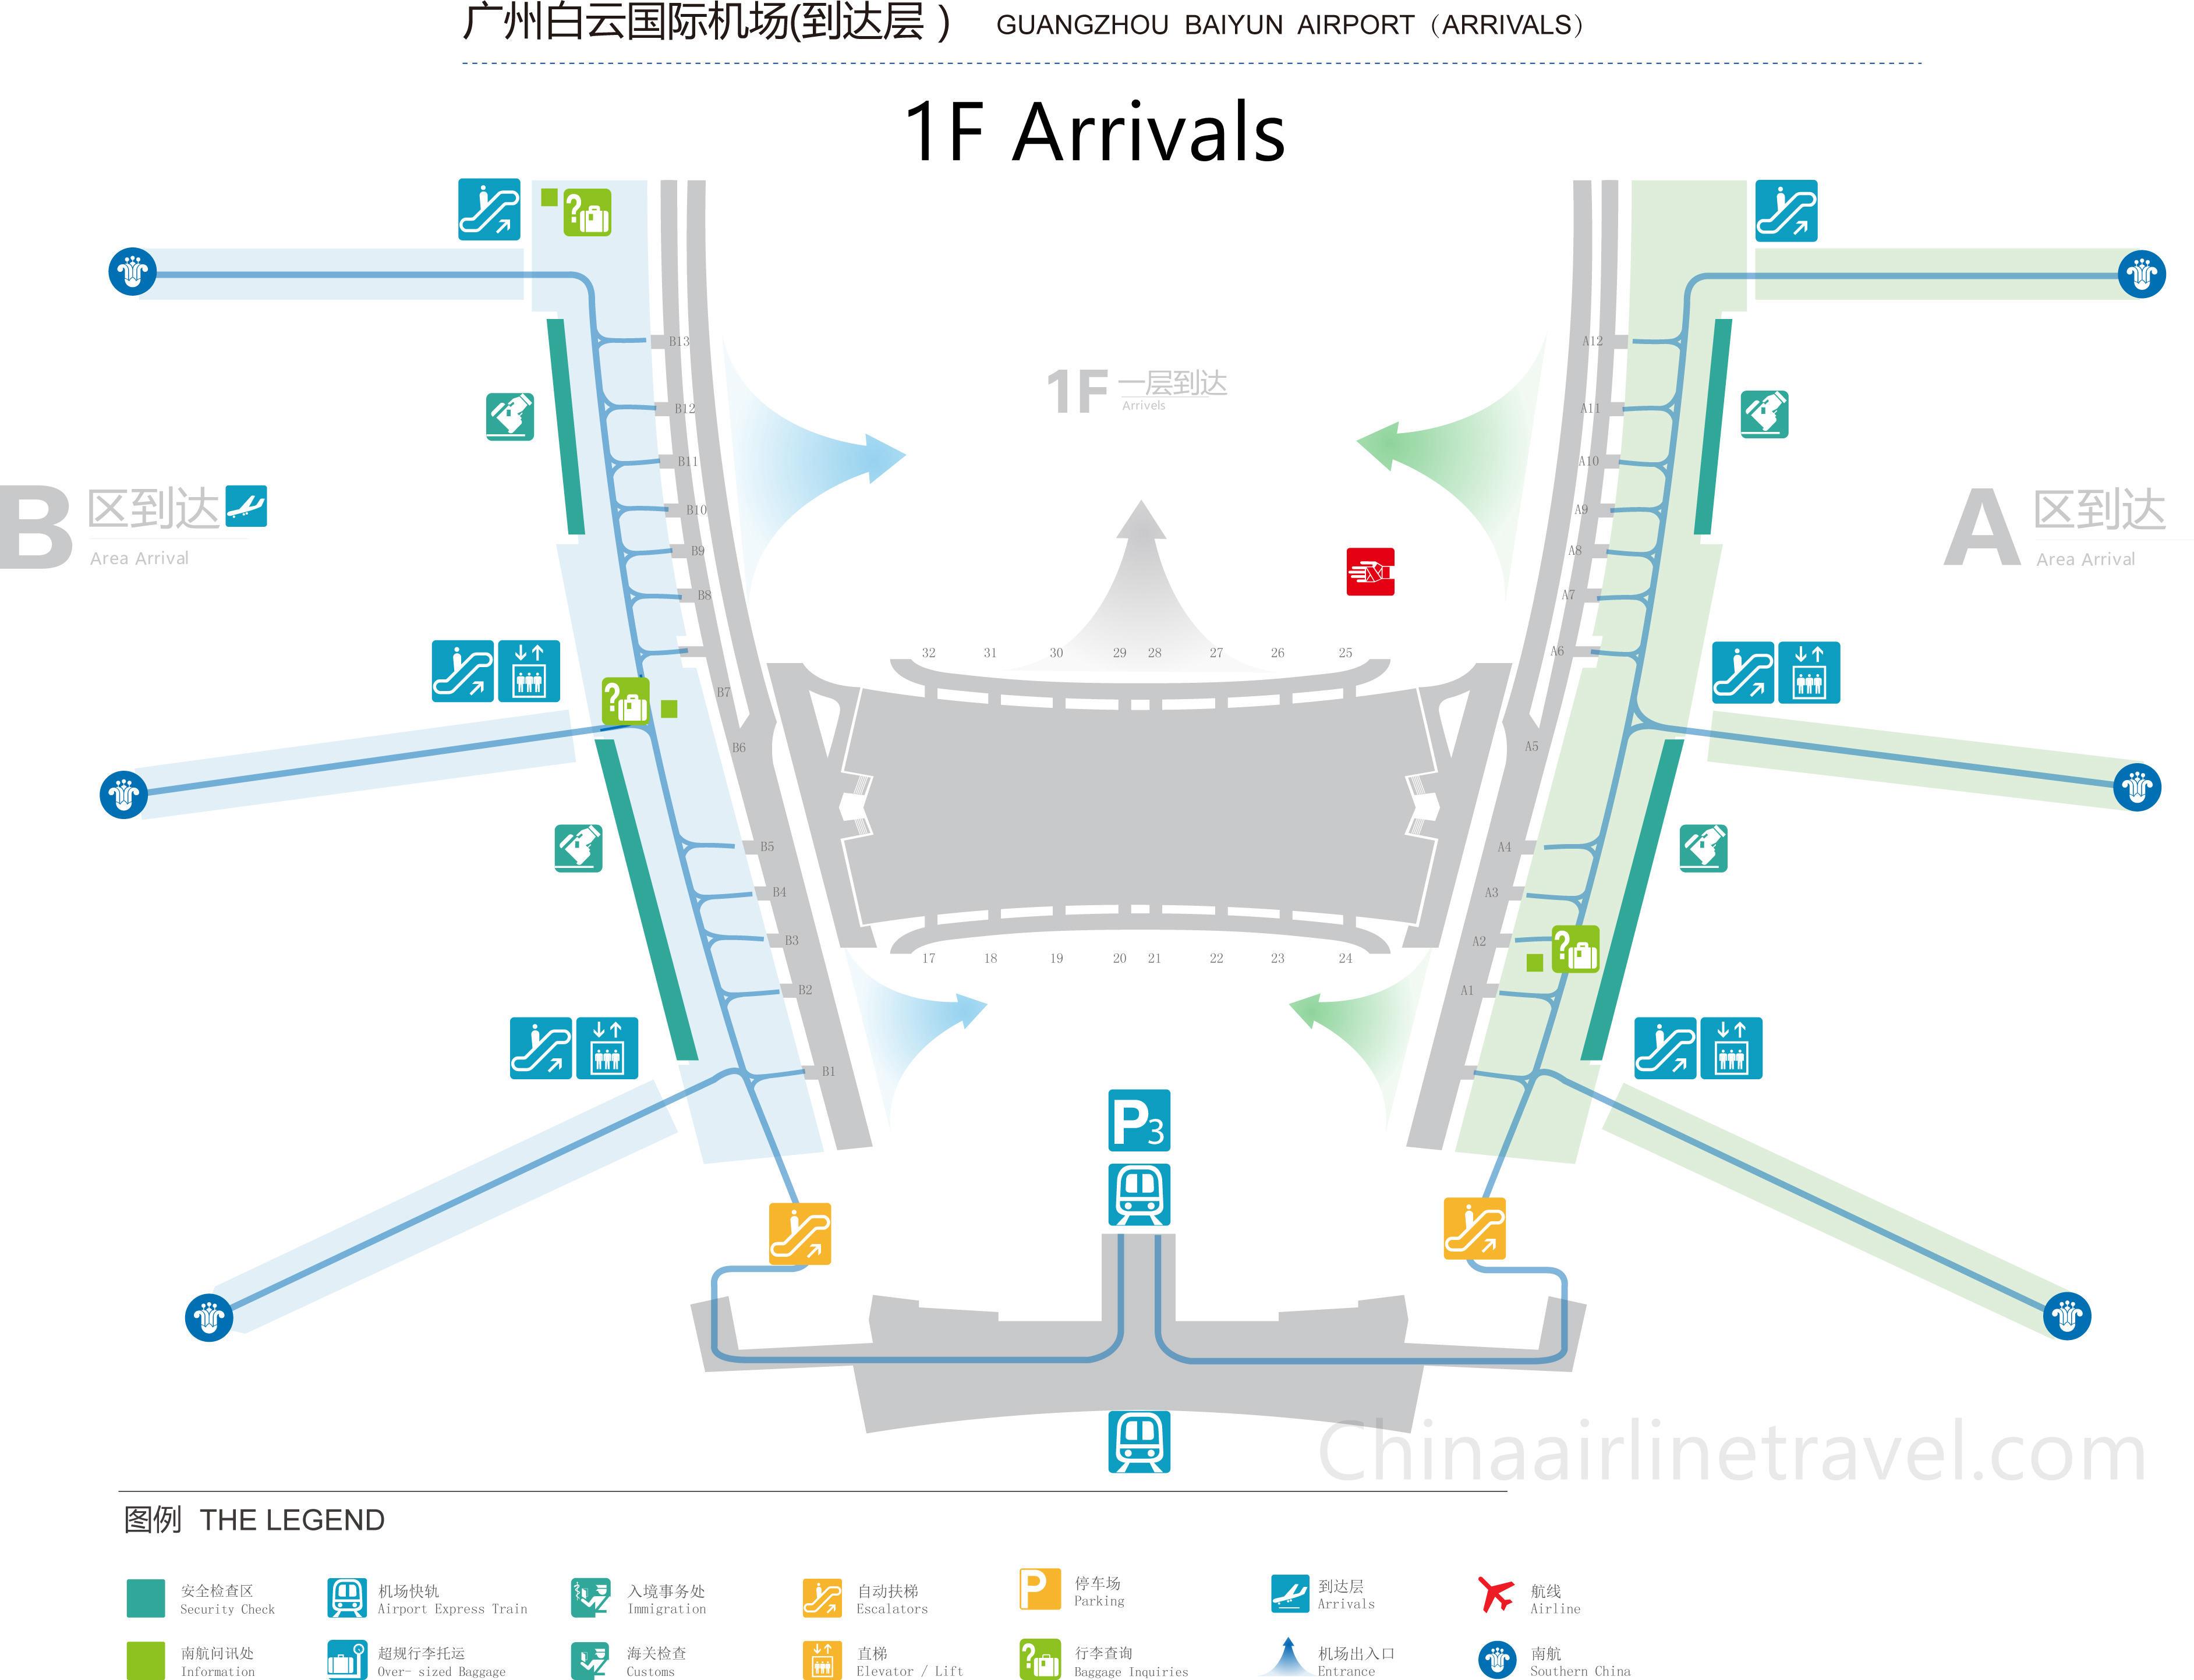 guangzhou baiyun airport map Terminal 1 Layout Plan Of Guangzhou Baiyun Airport T1 Layout guangzhou baiyun airport map